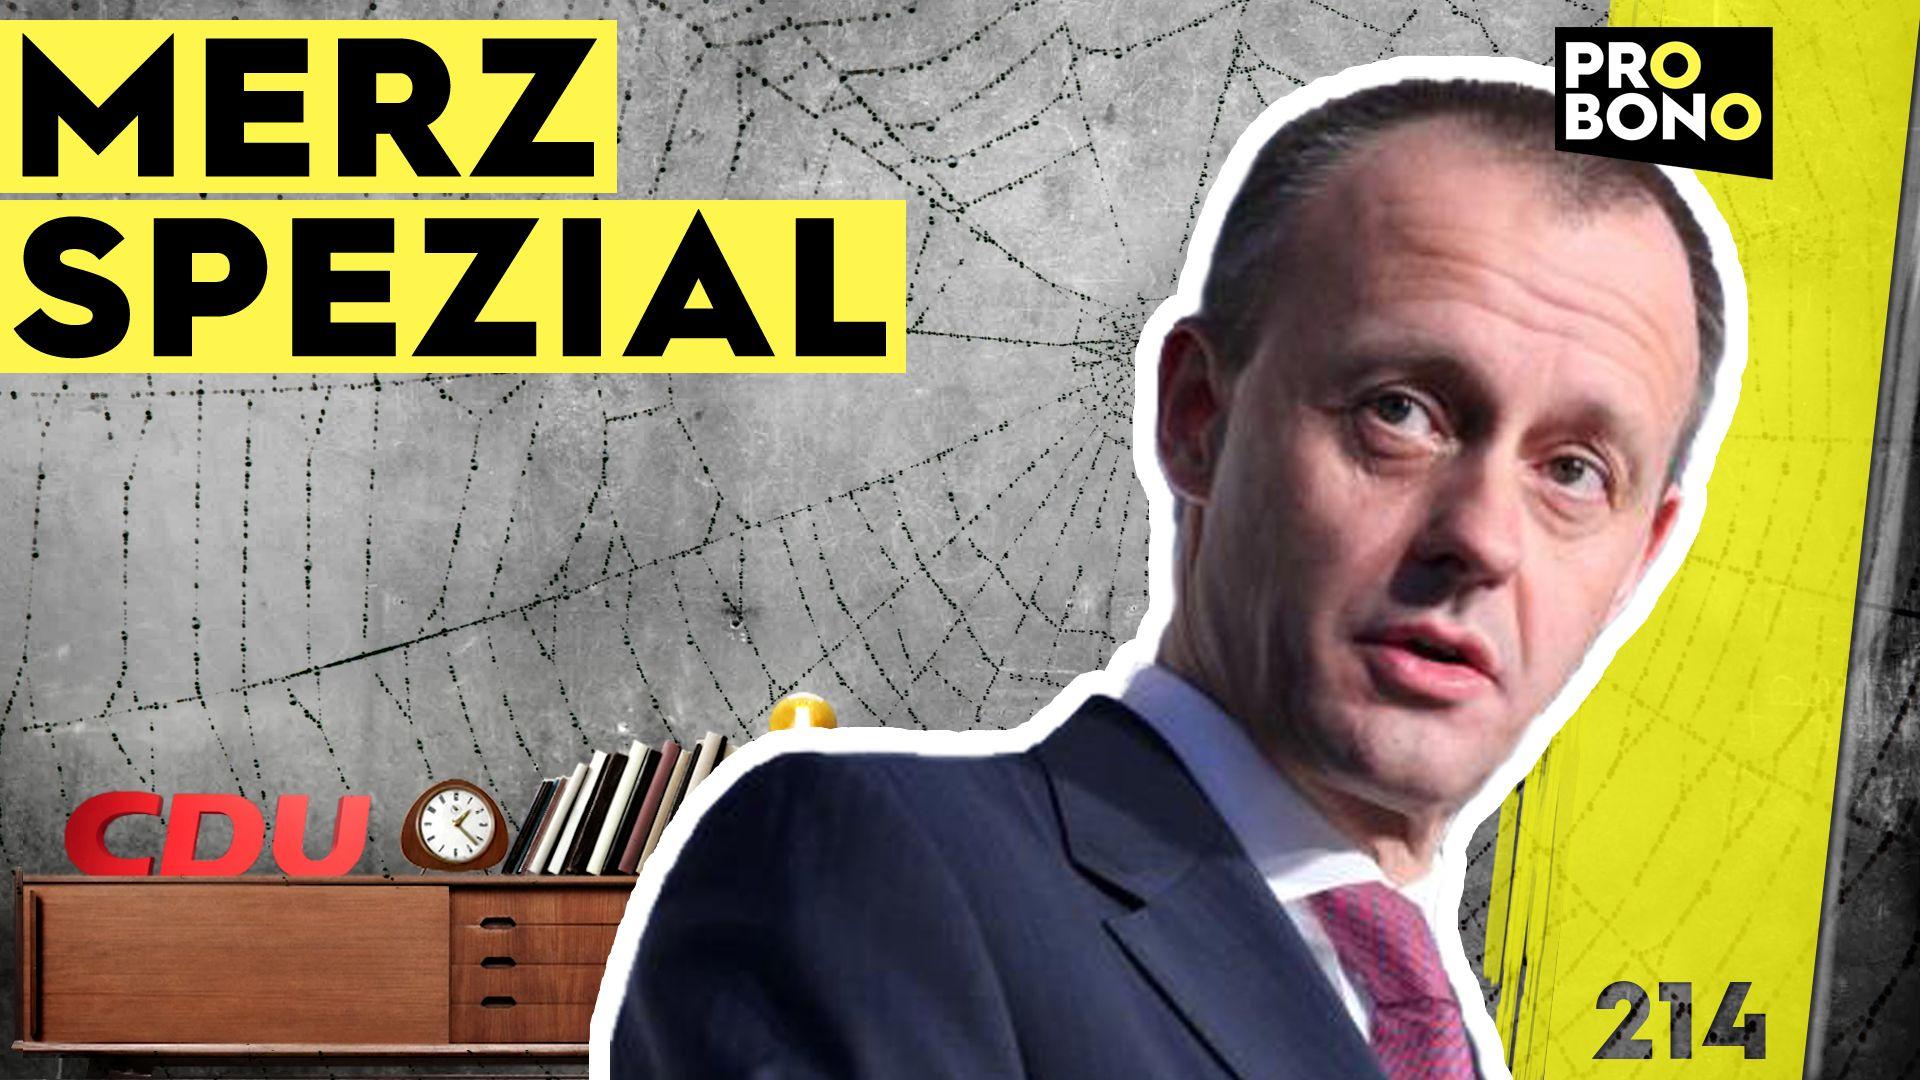 Die Iden des Friedrich Merz: Ein Lobbyist als CDU-Chef? (probono Magazin)